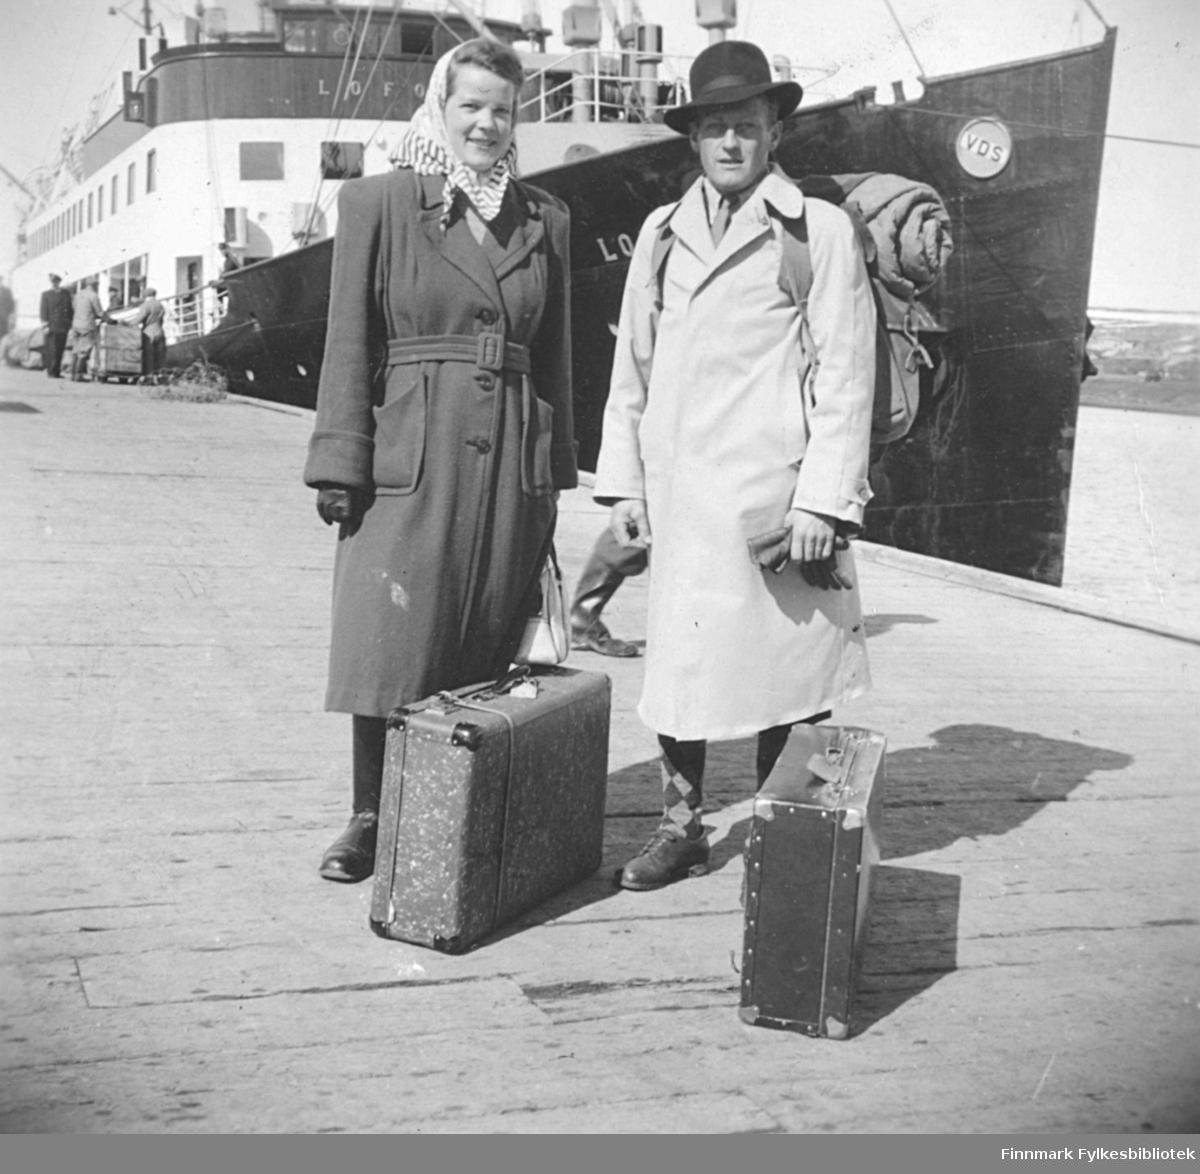 Ragnhild og Fritz Ebeltoft klar for bryllupsreise 14.5.1949. De skal ombord på DS Lofoten, og venter med bagasjen på dampskipskaia.